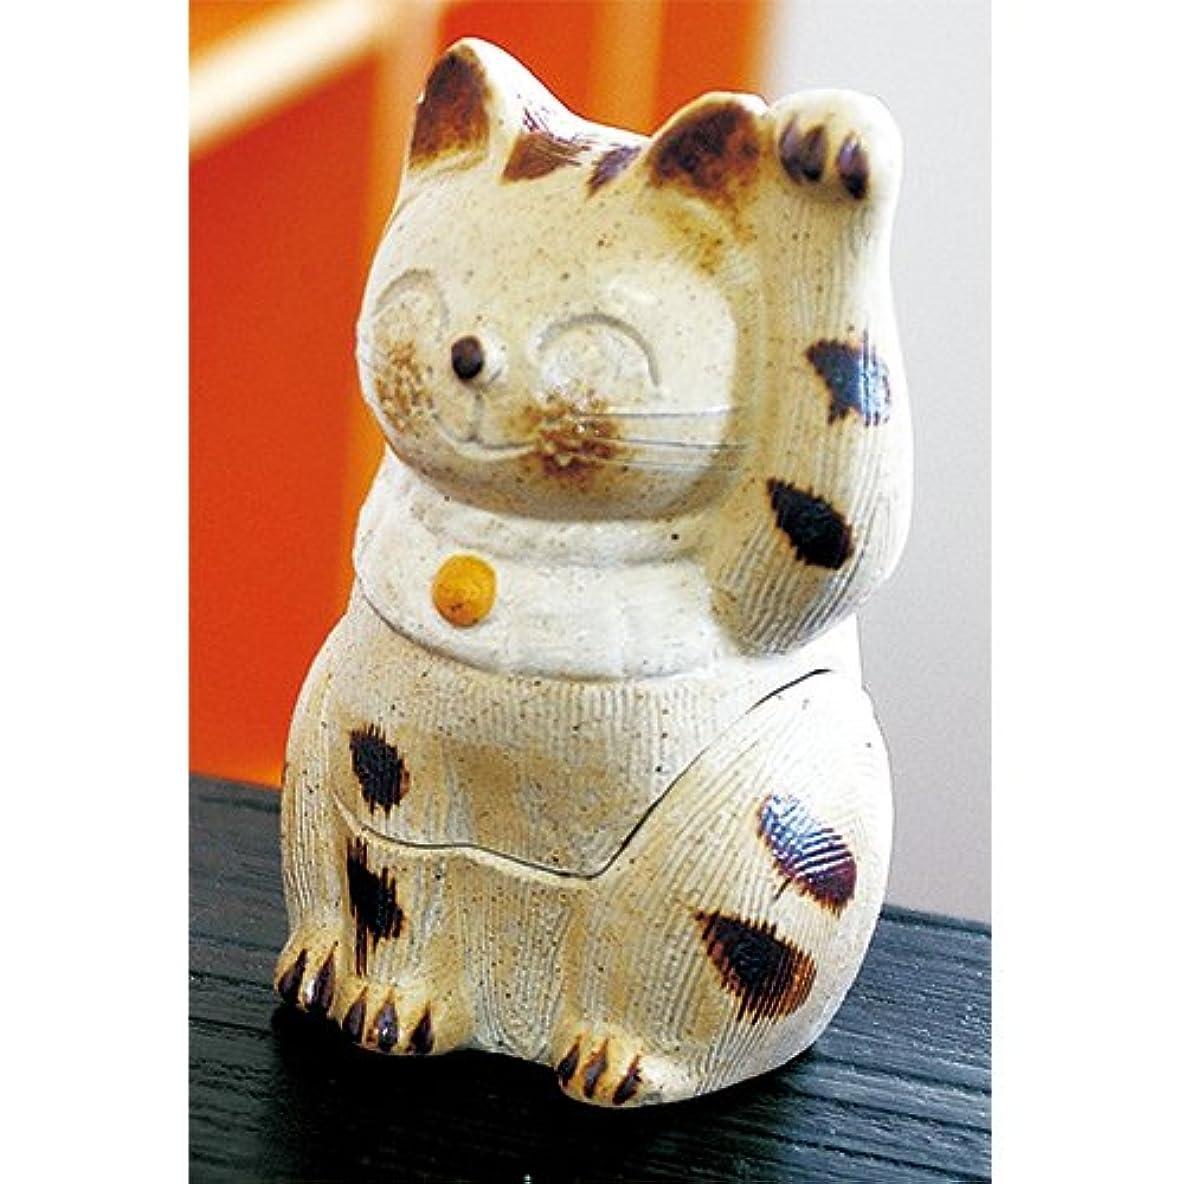 願望振る舞う花婿香炉 ひとまねき猫 香炉(小) [H9.5cm] HANDMADE プレゼント ギフト 和食器 かわいい インテリア